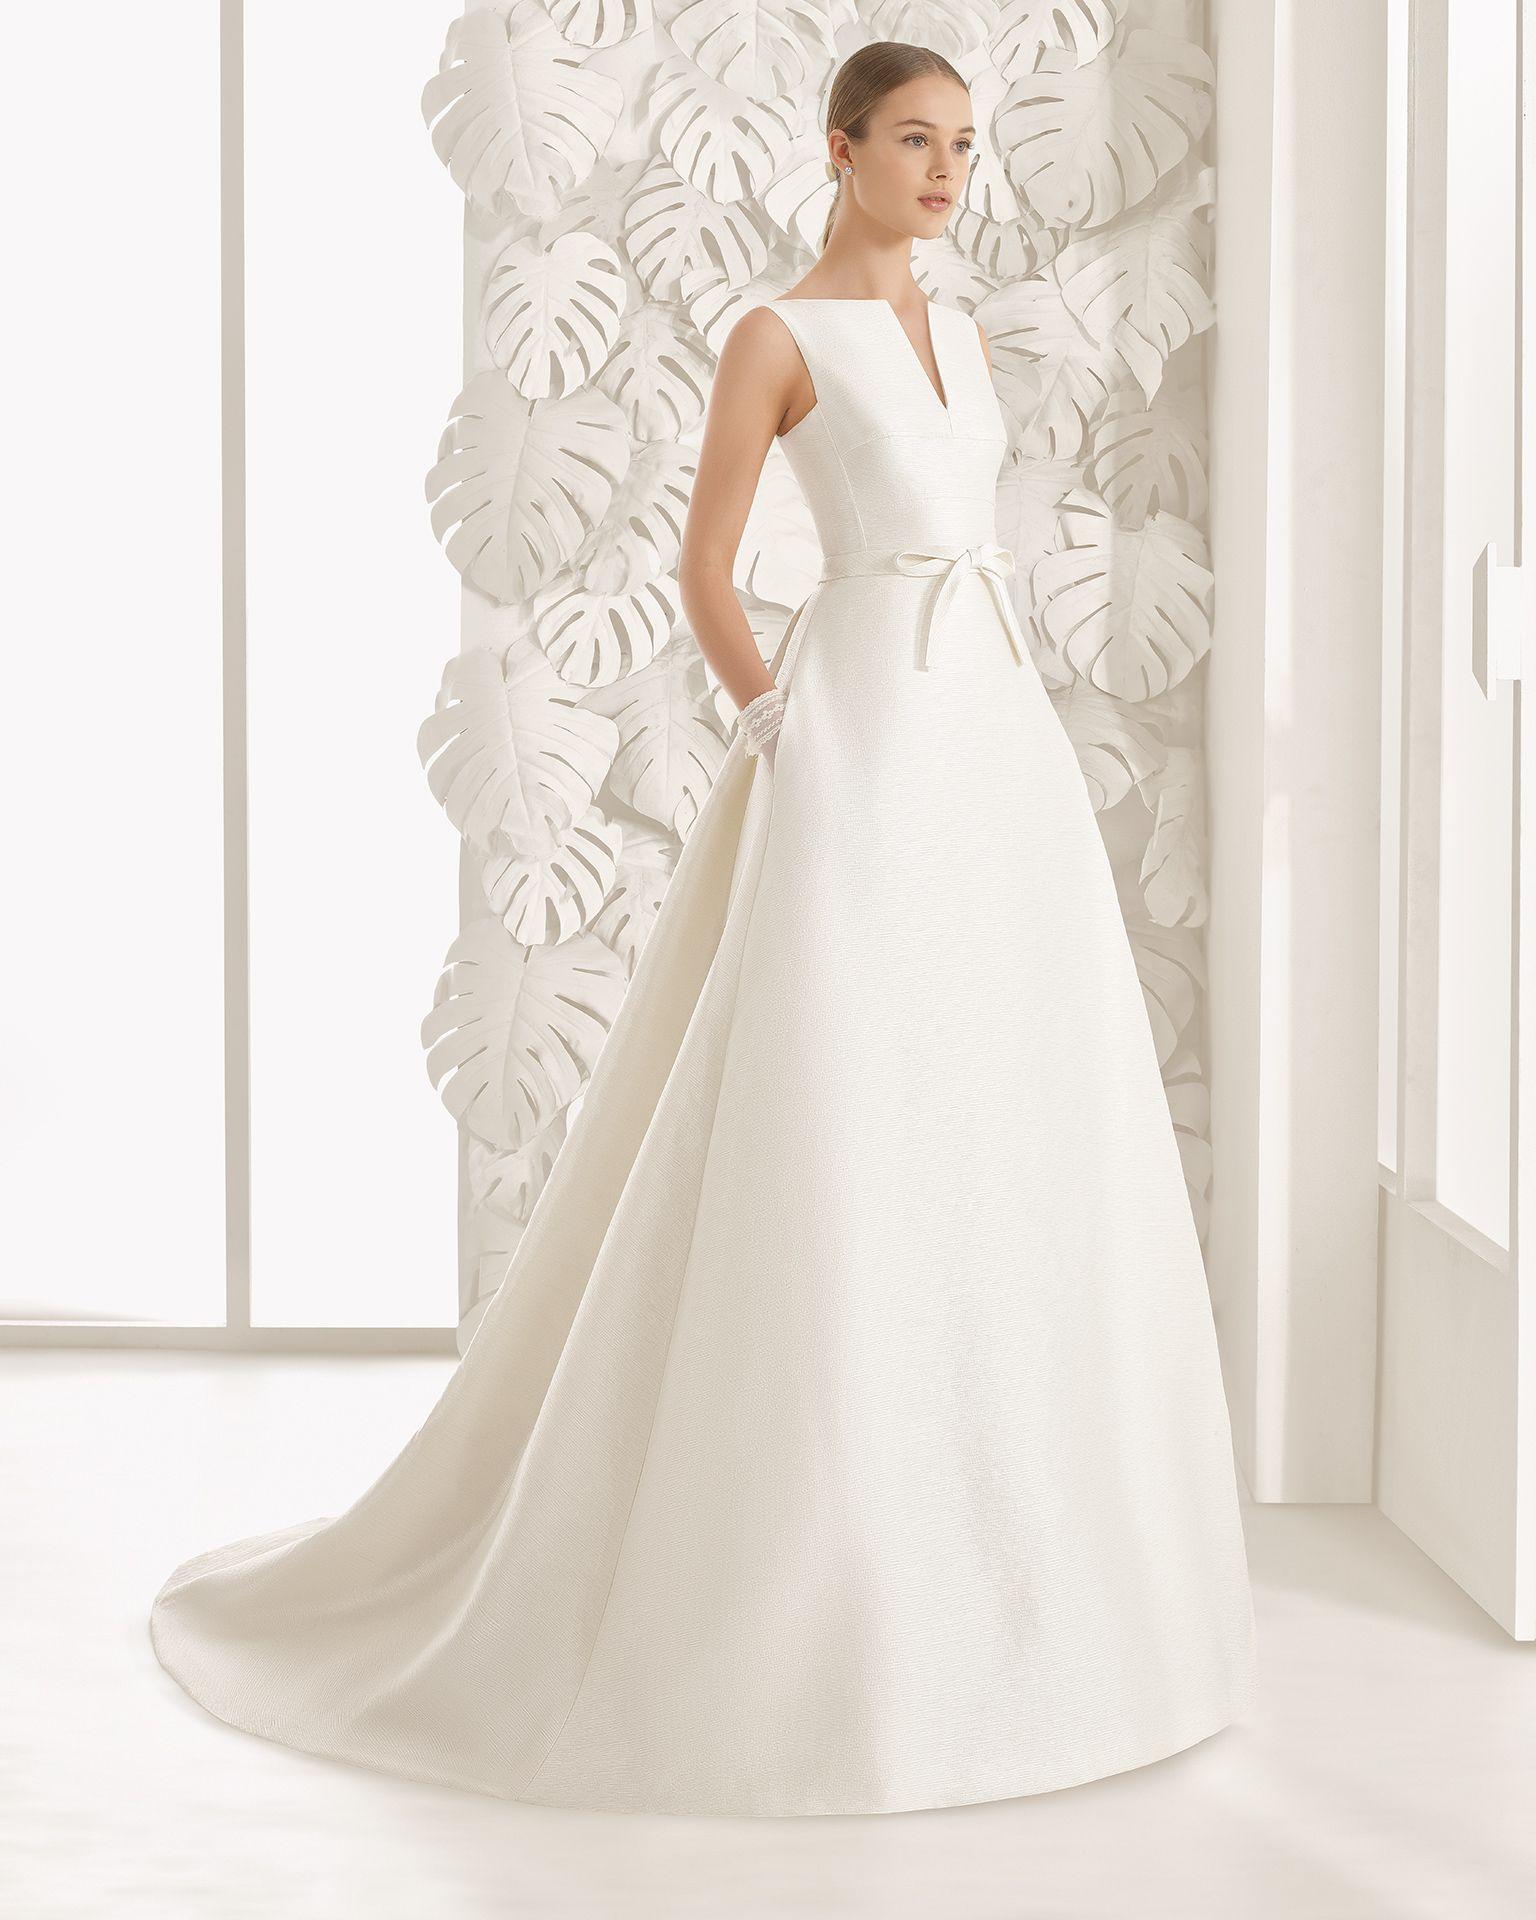 Schlicht einfach, aber dennoch ein elegantes Brautkleid ...